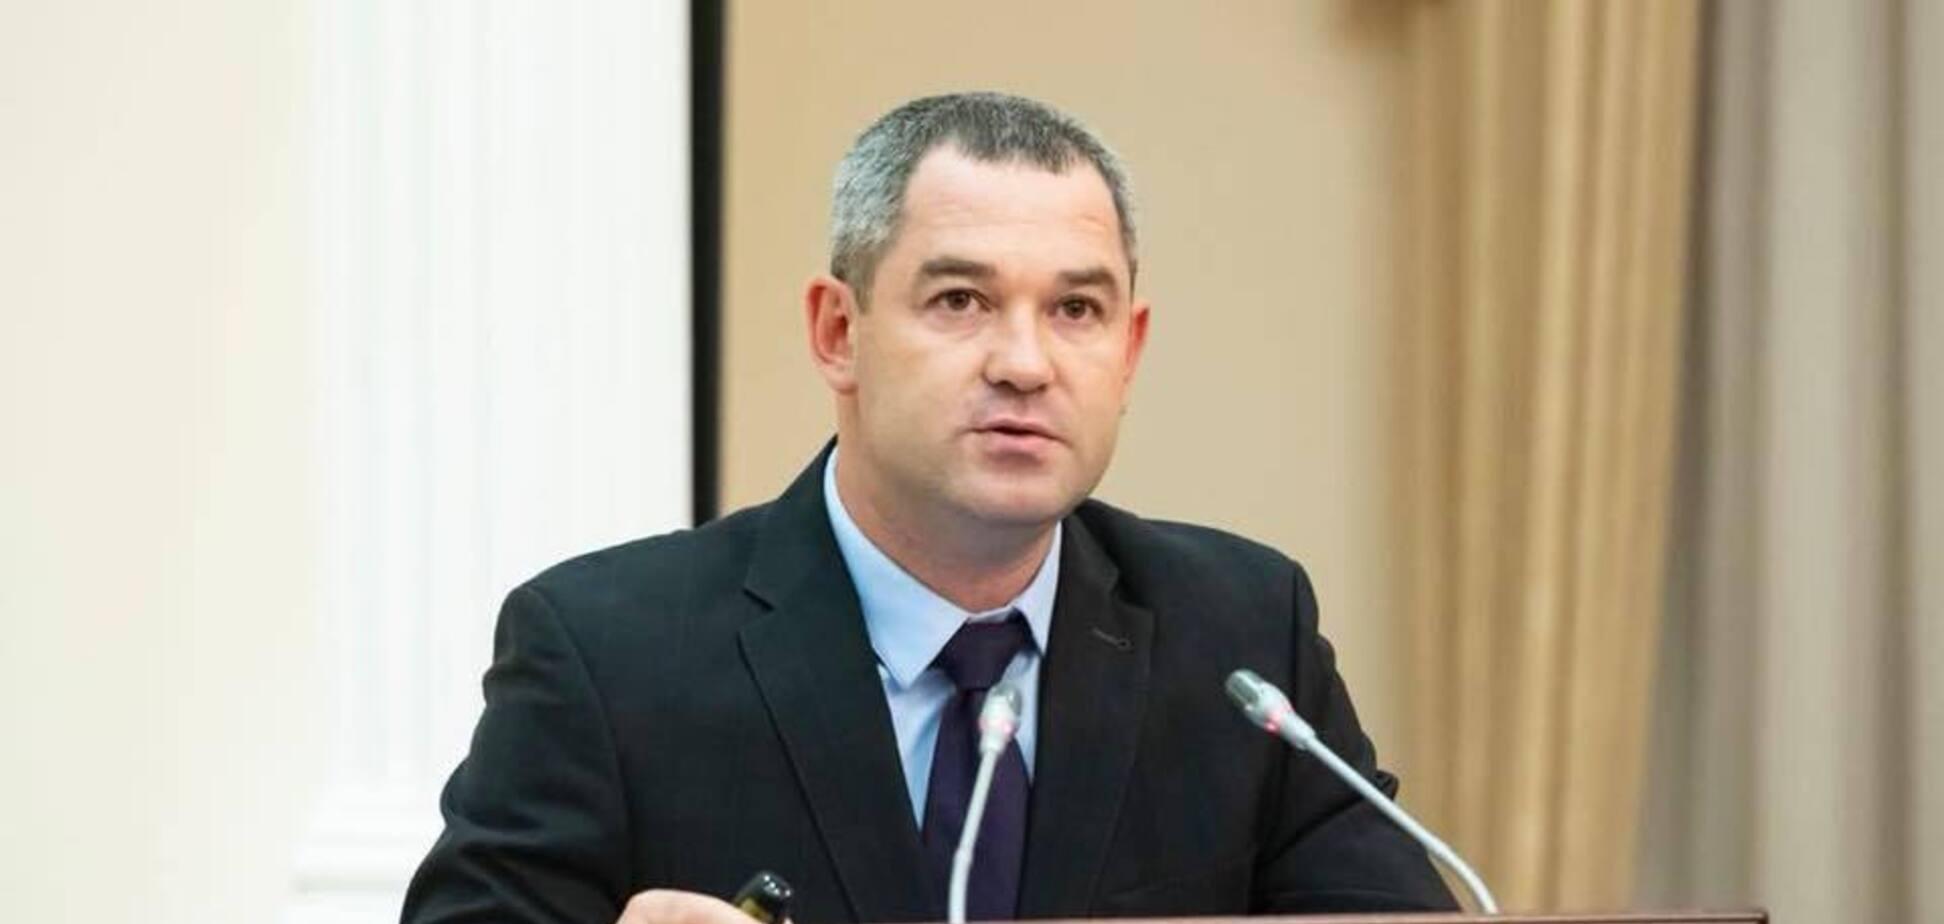 СБУшник получил генерал-майора за разоблачение Продана - Бутусов